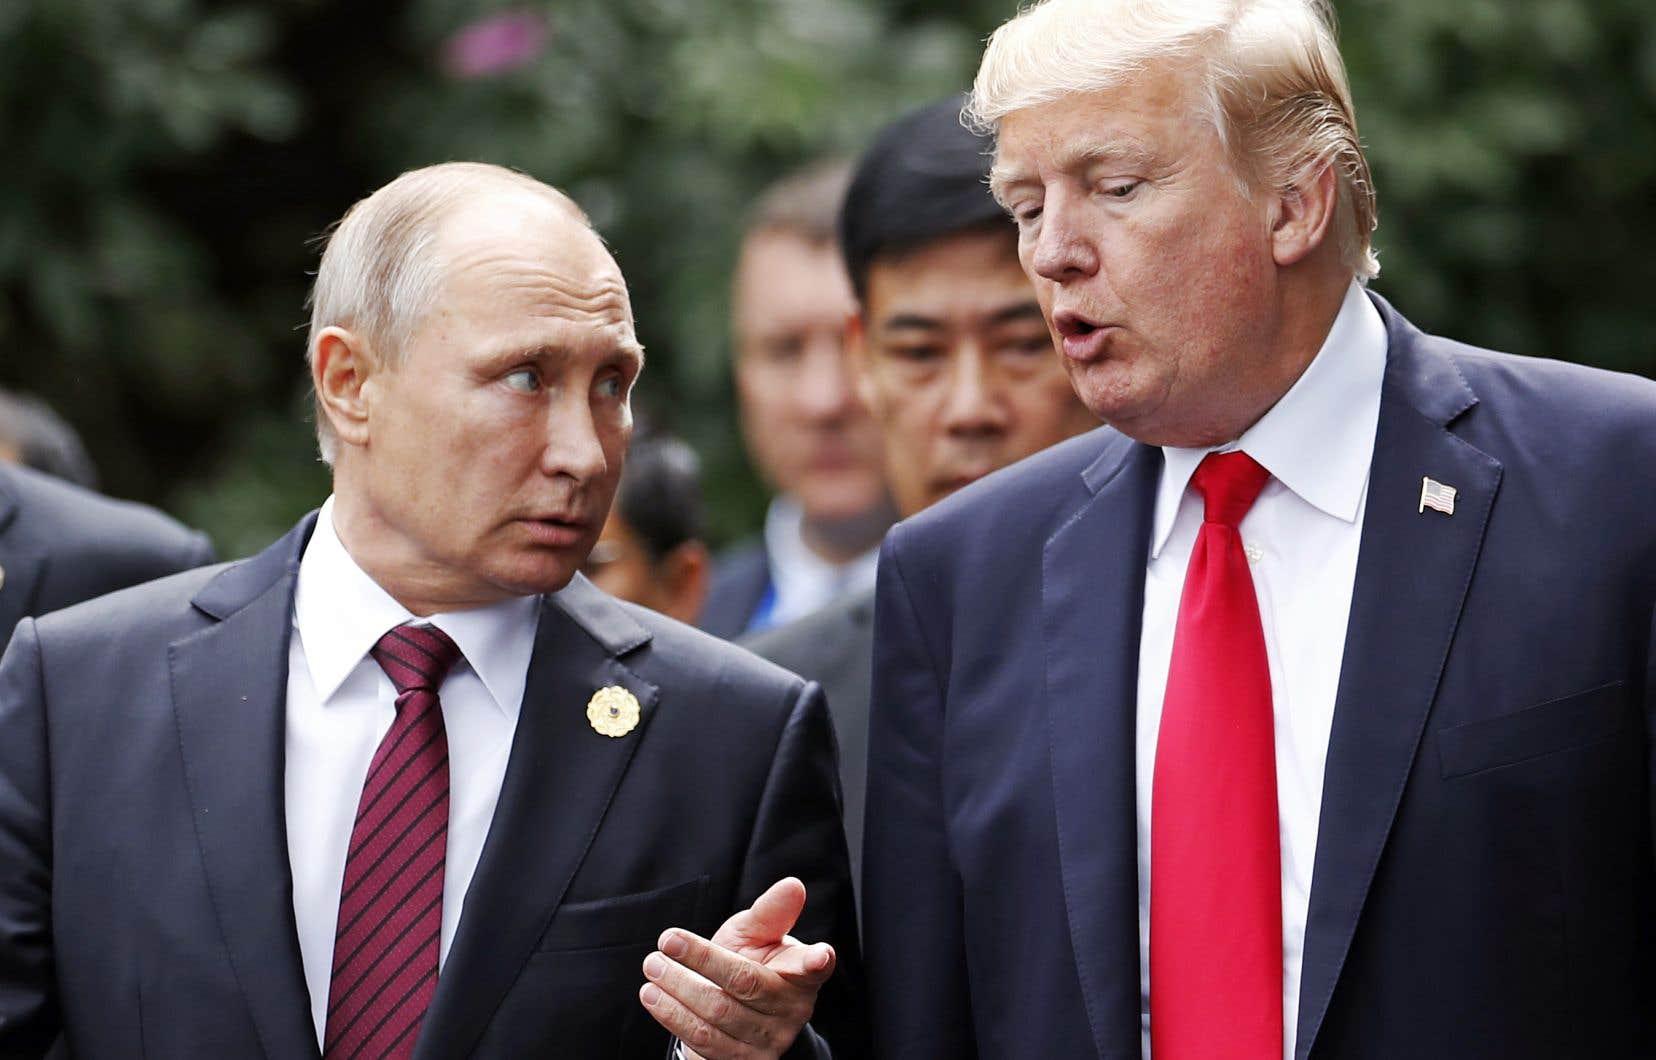 Donald Trump aux côtés de Vladimir Poutine lors du dernier sommet de l'APEC, qui s'est tenu au Vietnam en novembre 2017